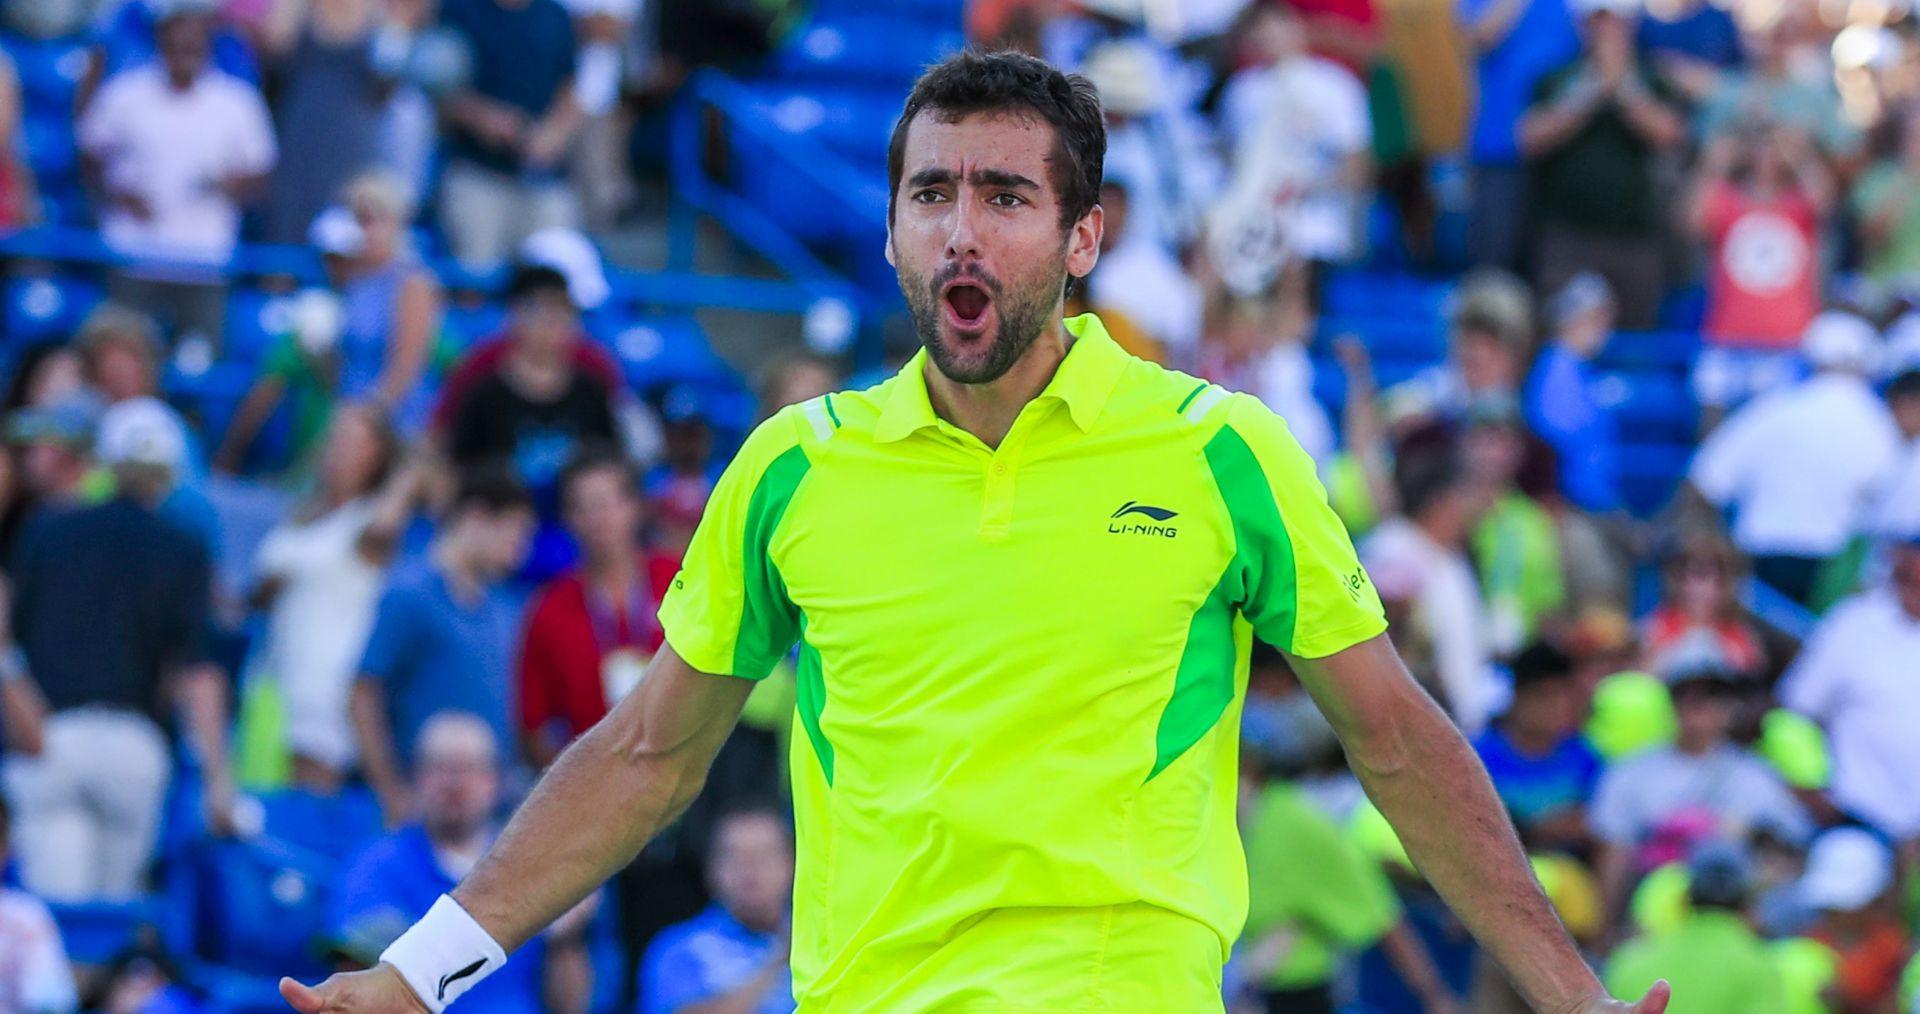 ATP LJESTVICA Čilić se vratio u Top10, nakon osvajanja Cincinnatija skočio na deveto mjesto